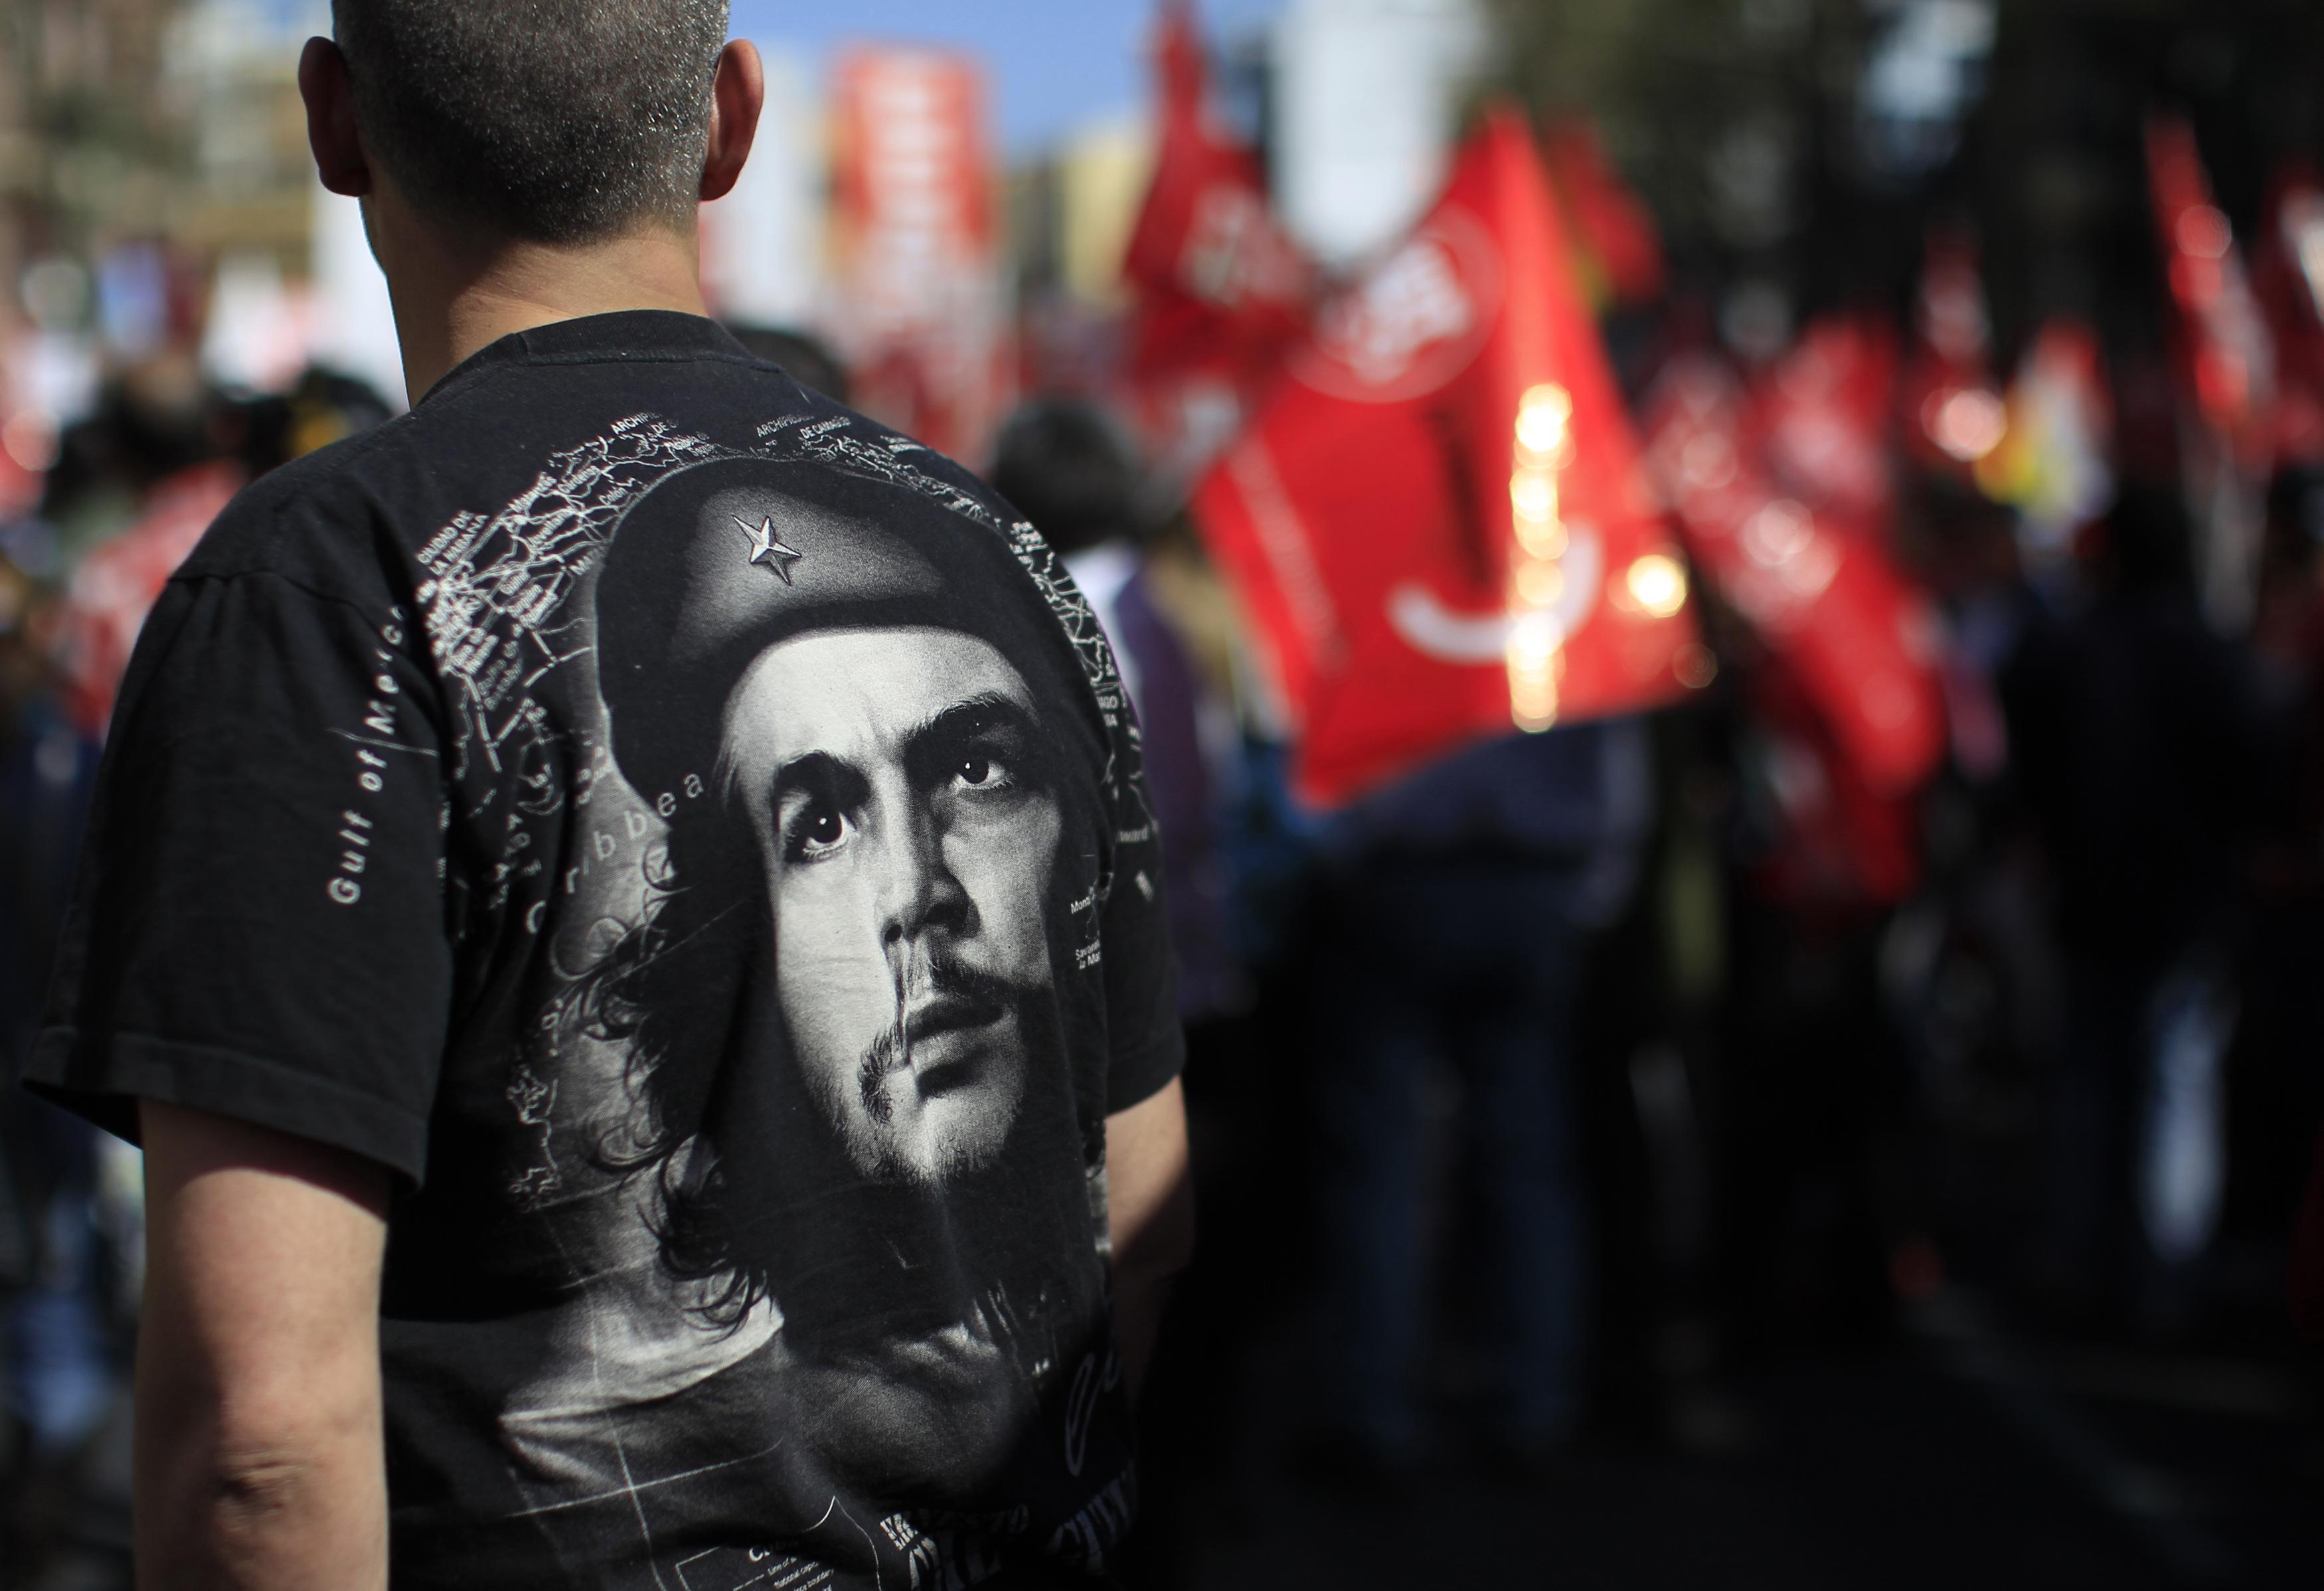 """Čovjek s likom poznatog revolucionara Ernesta """"Che"""" Guecare na majici"""